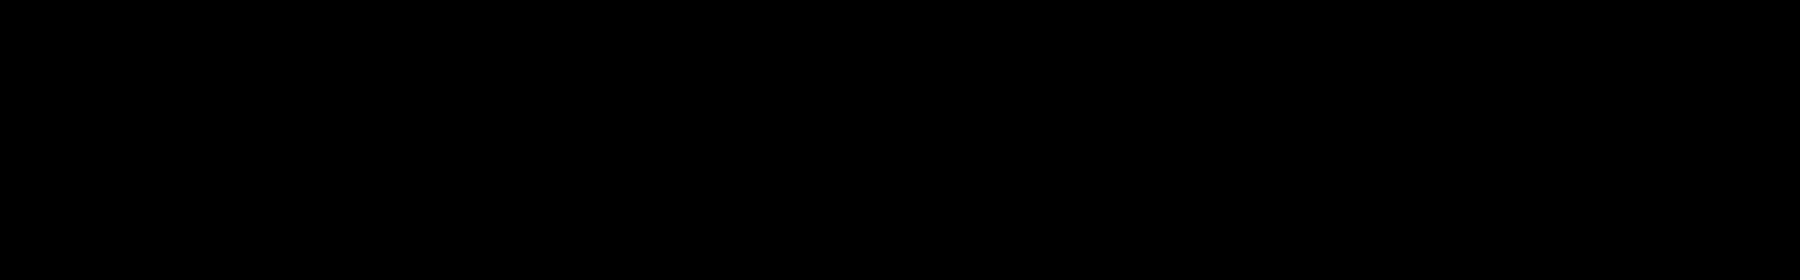 K.I.N.G.S of Psytrance audio waveform